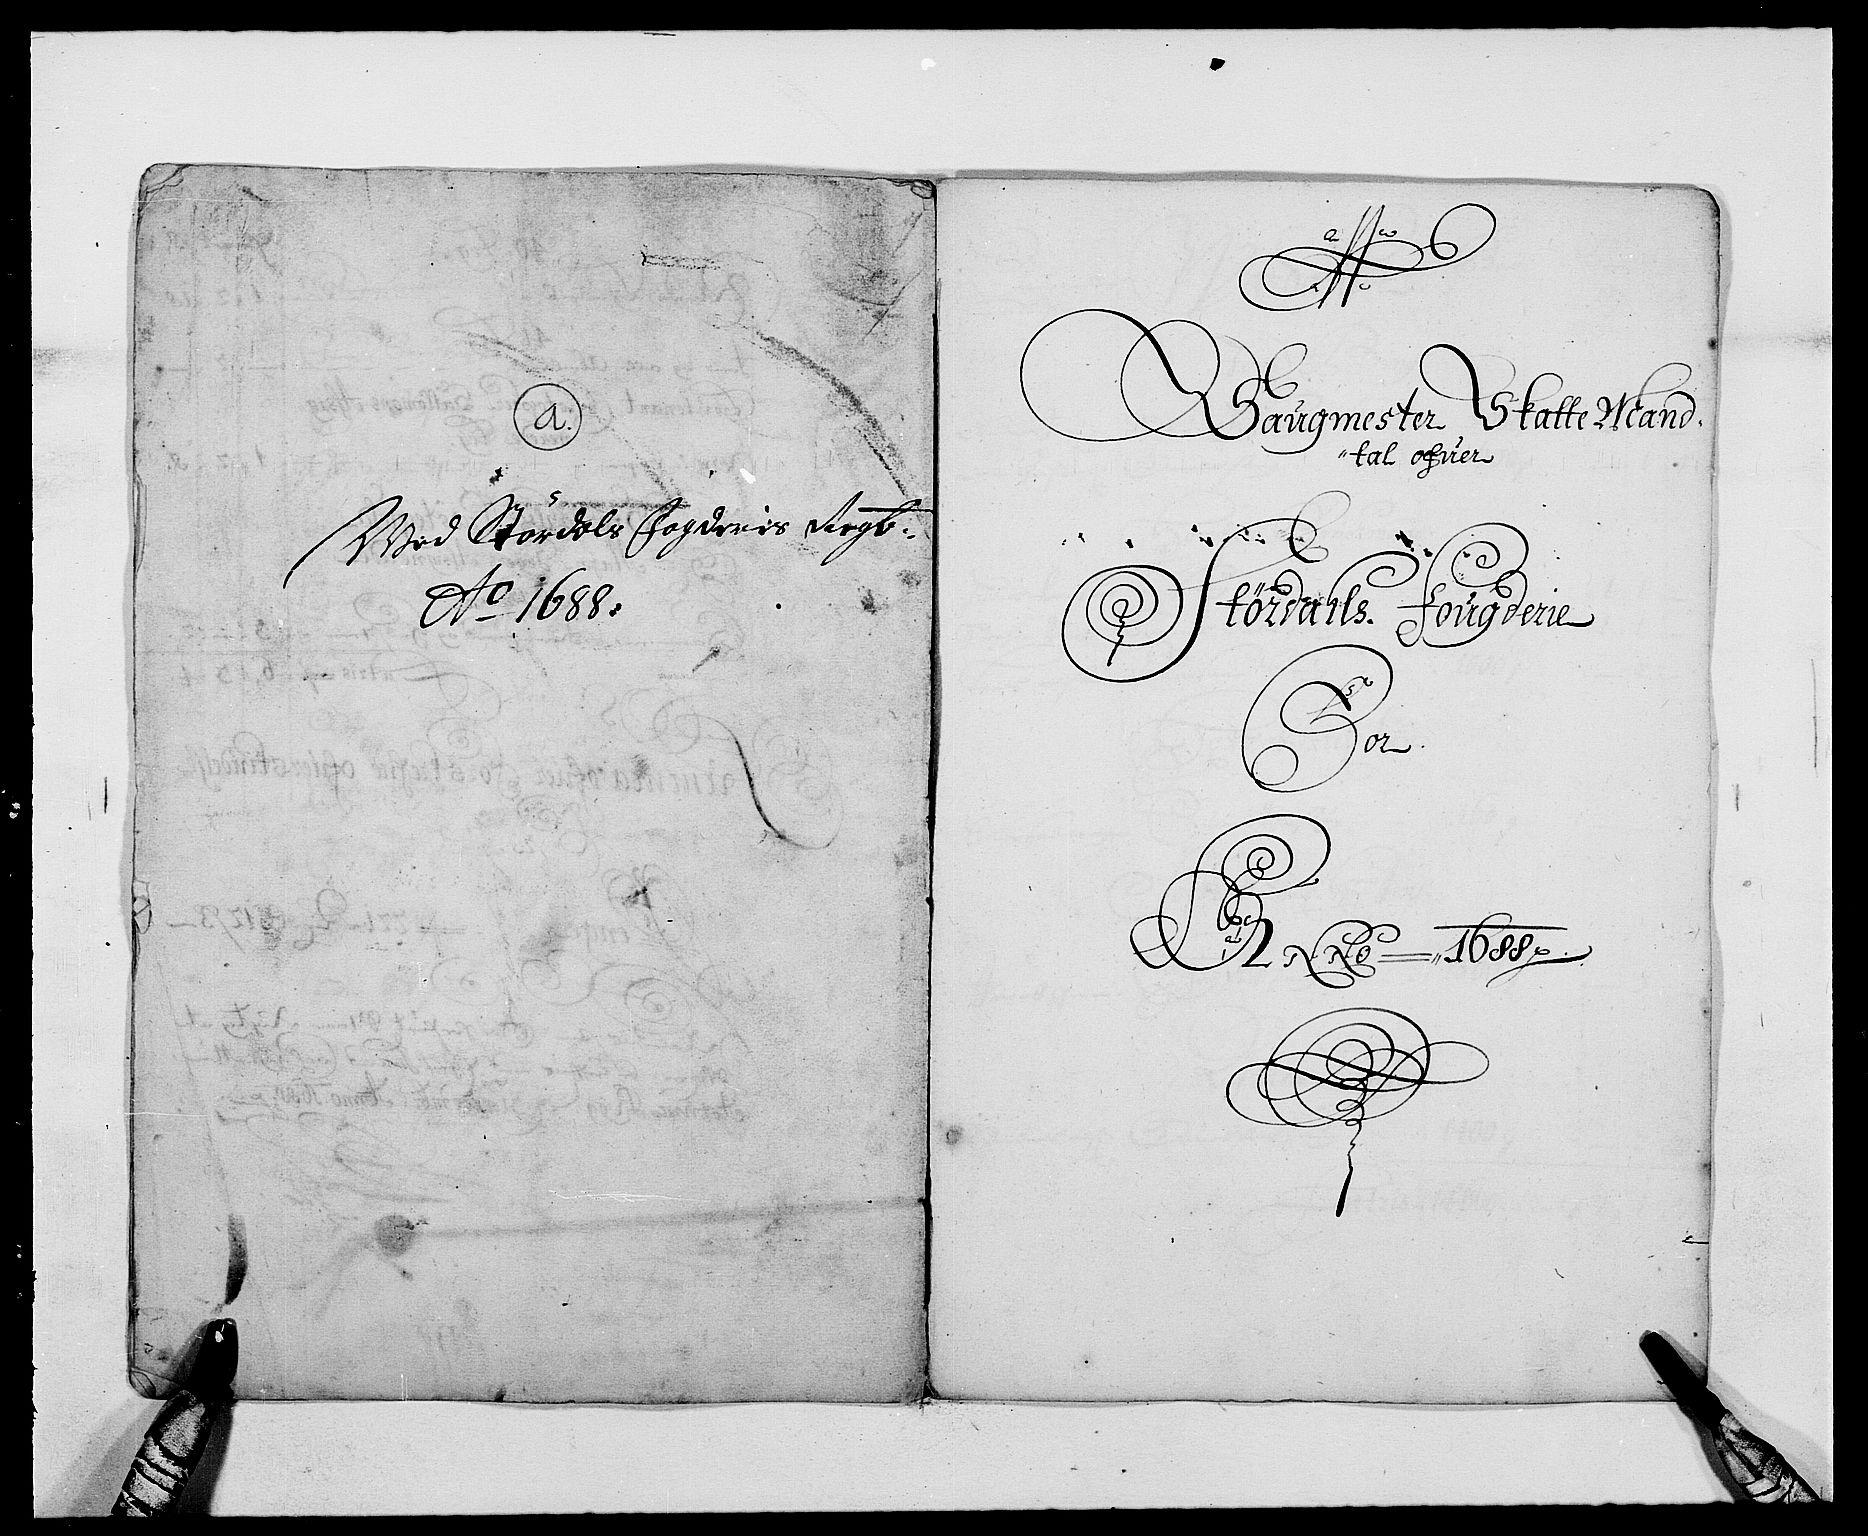 RA, Rentekammeret inntil 1814, Reviderte regnskaper, Fogderegnskap, R62/L4183: Fogderegnskap Stjørdal og Verdal, 1687-1689, s. 203